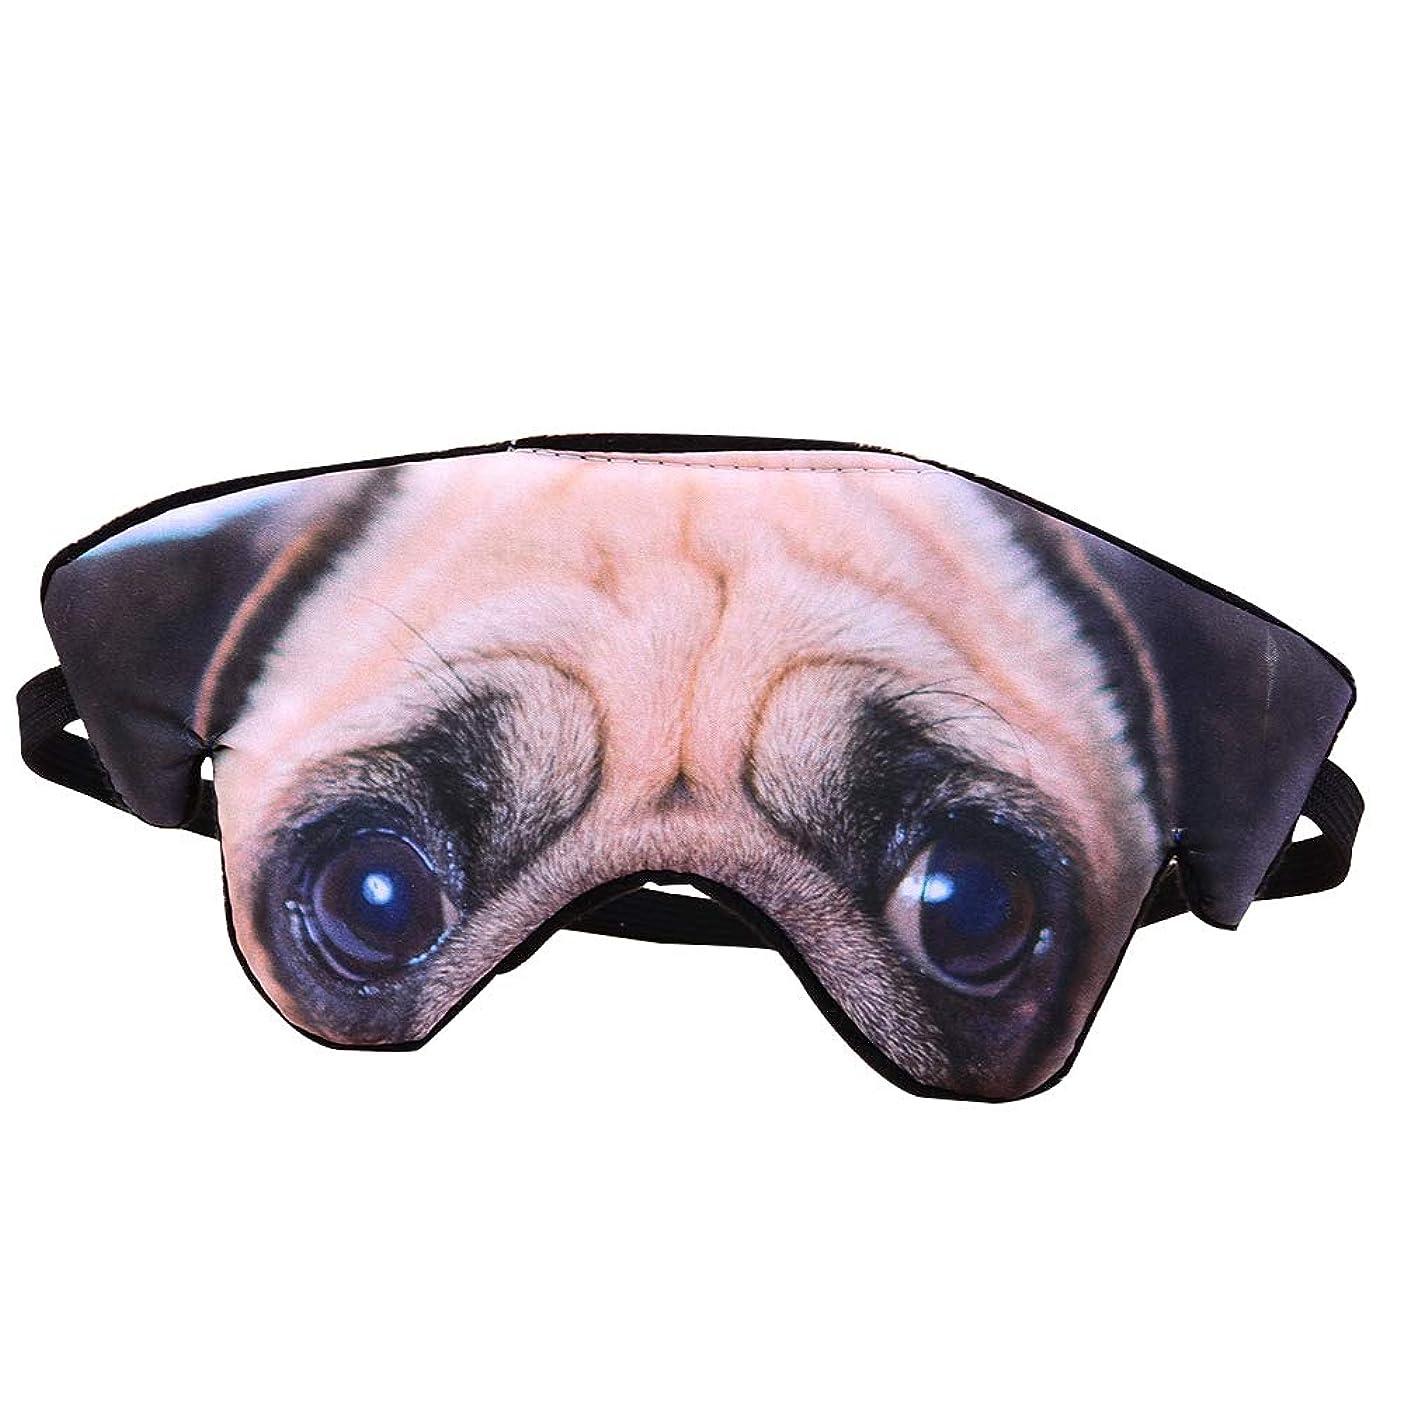 入り口鳥者Healifty 3Dアイマスクシェードナップカバー目隠しレストエイド疲労アイパッドスリープゴーグル(Pug)